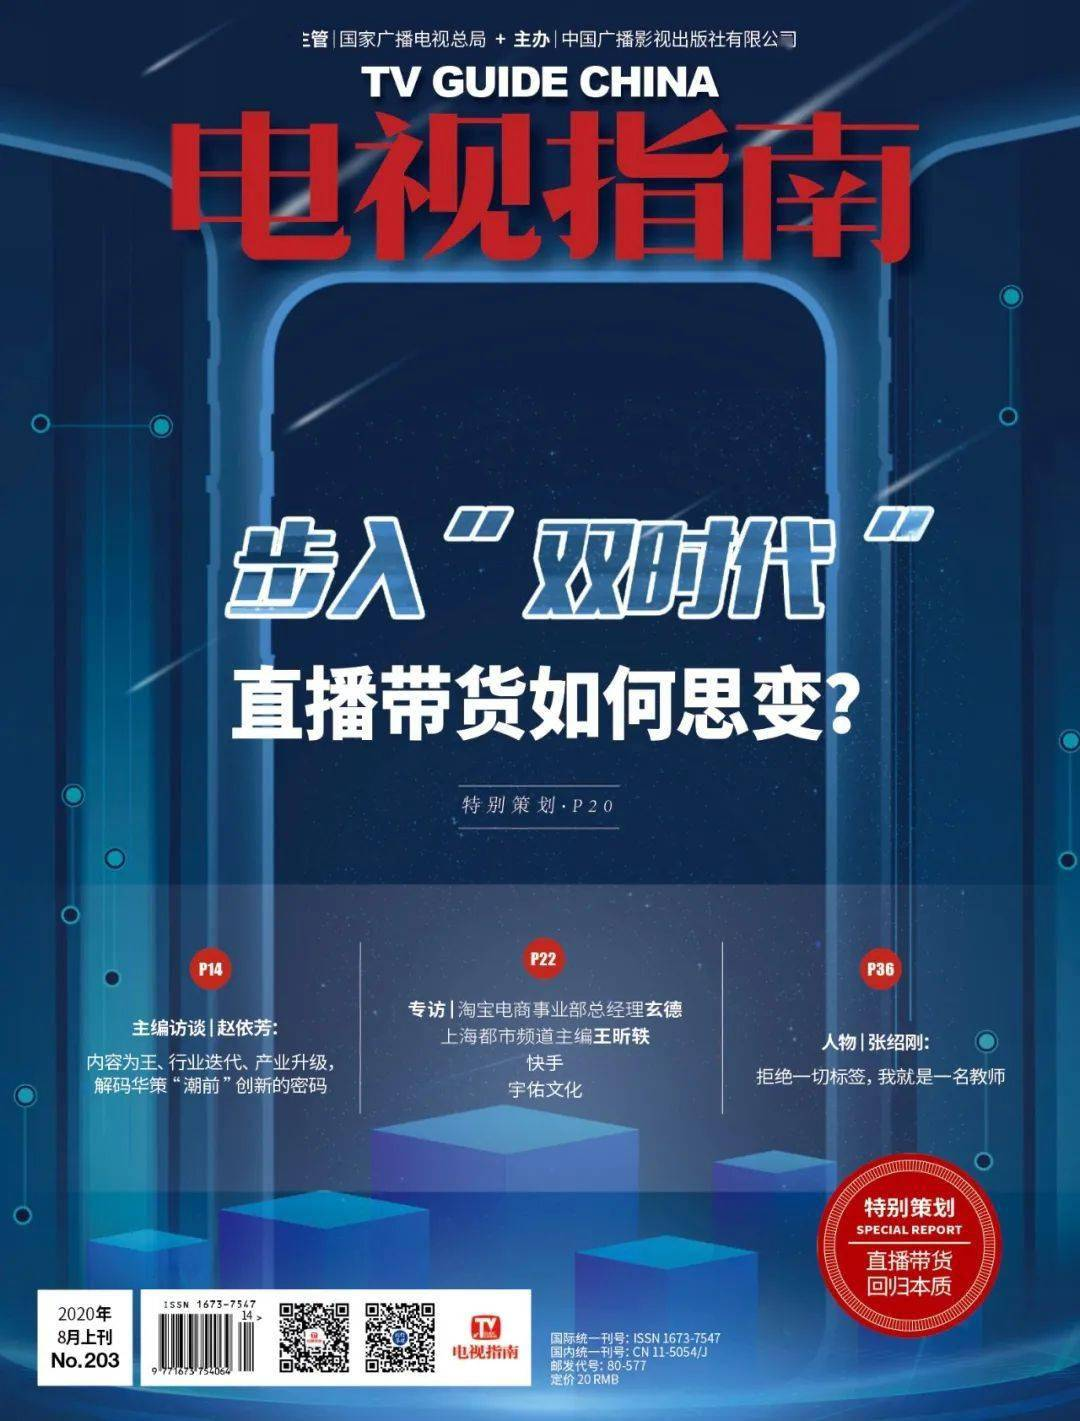 【手机买球app软件】 电视指南